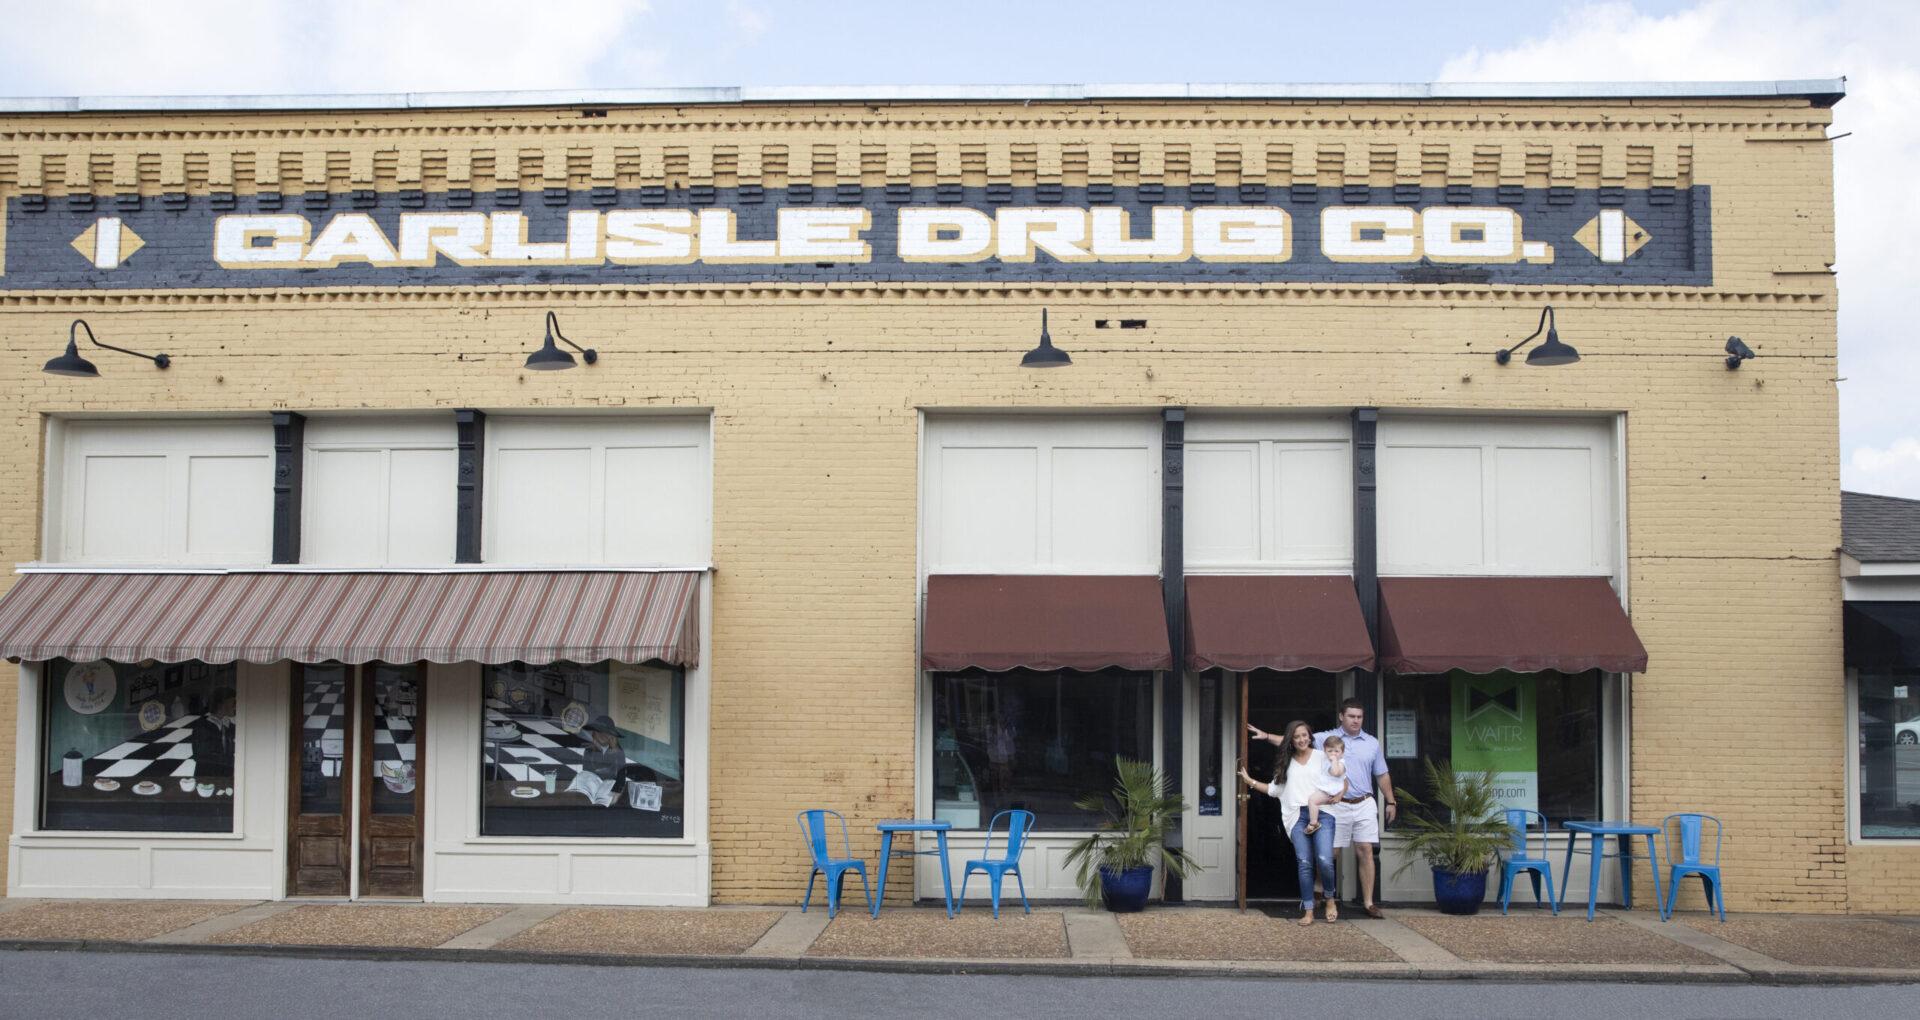 Carlisle's